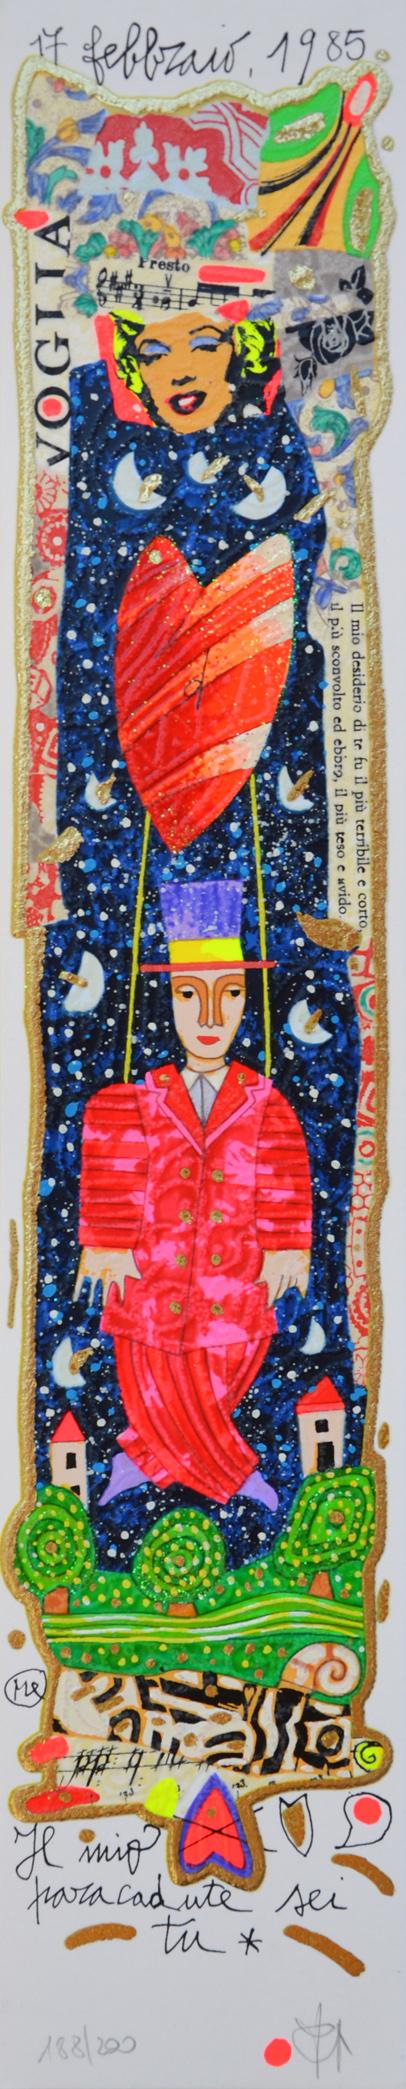 Musante Francesco Serigrafia polimaterica Formato cm 50x10